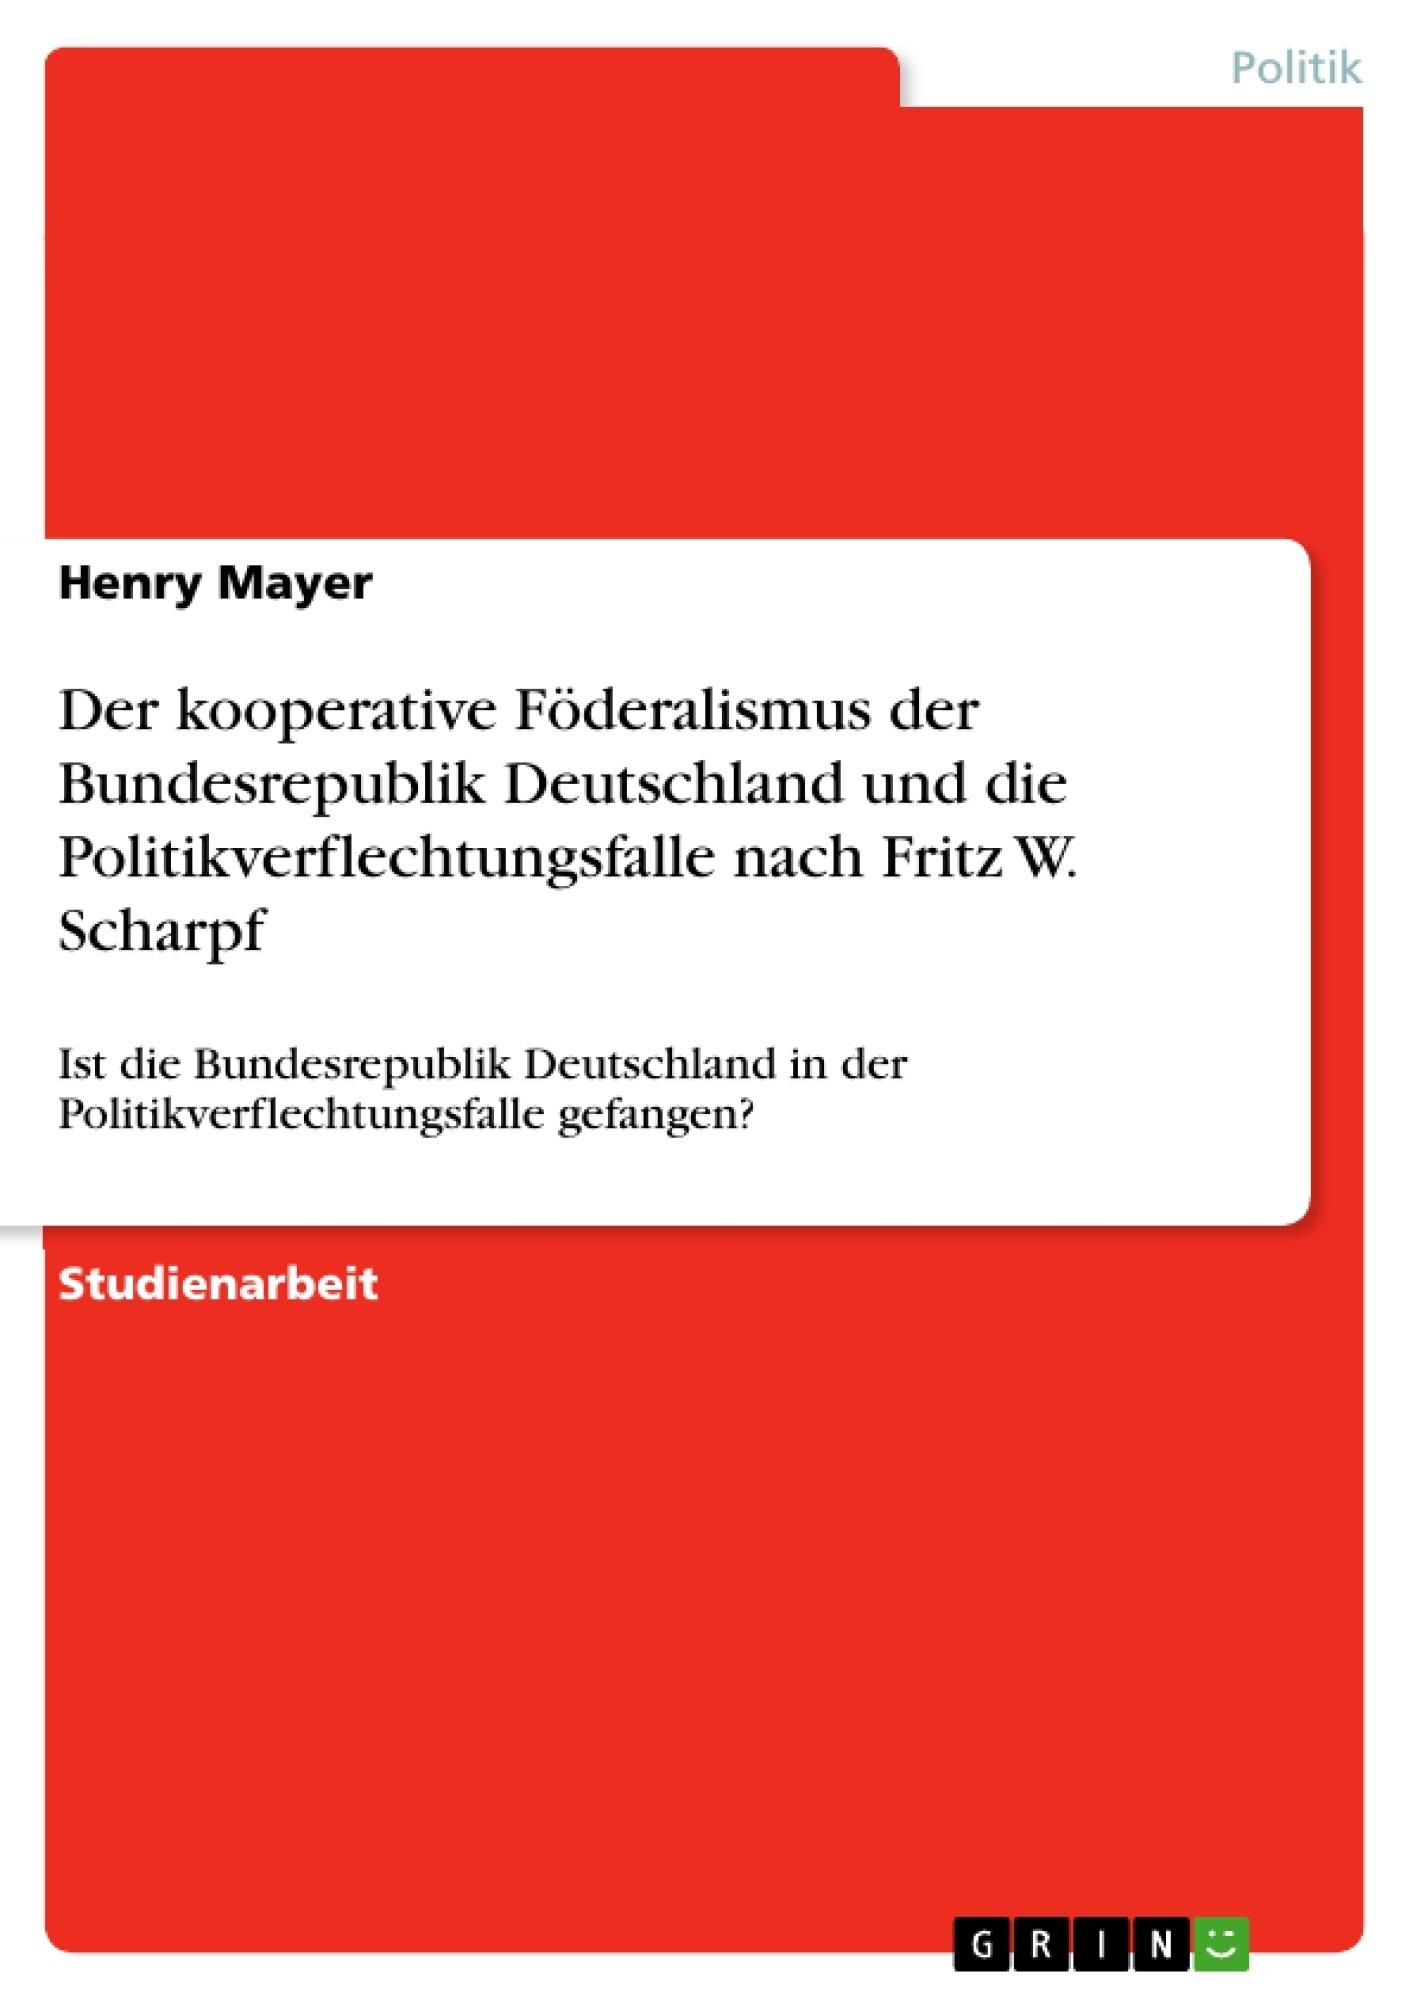 Titel: Der kooperative Föderalismus der Bundesrepublik Deutschland und die Politikverflechtungsfalle nach Fritz W. Scharpf